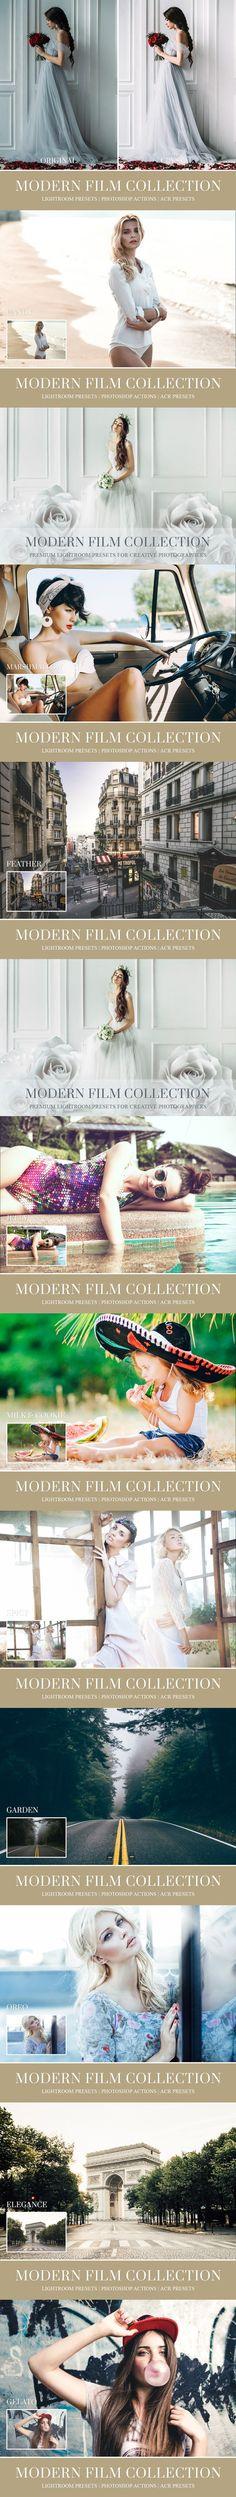 Modern Film Lightroom presets. Photoshop Actions. $19.00